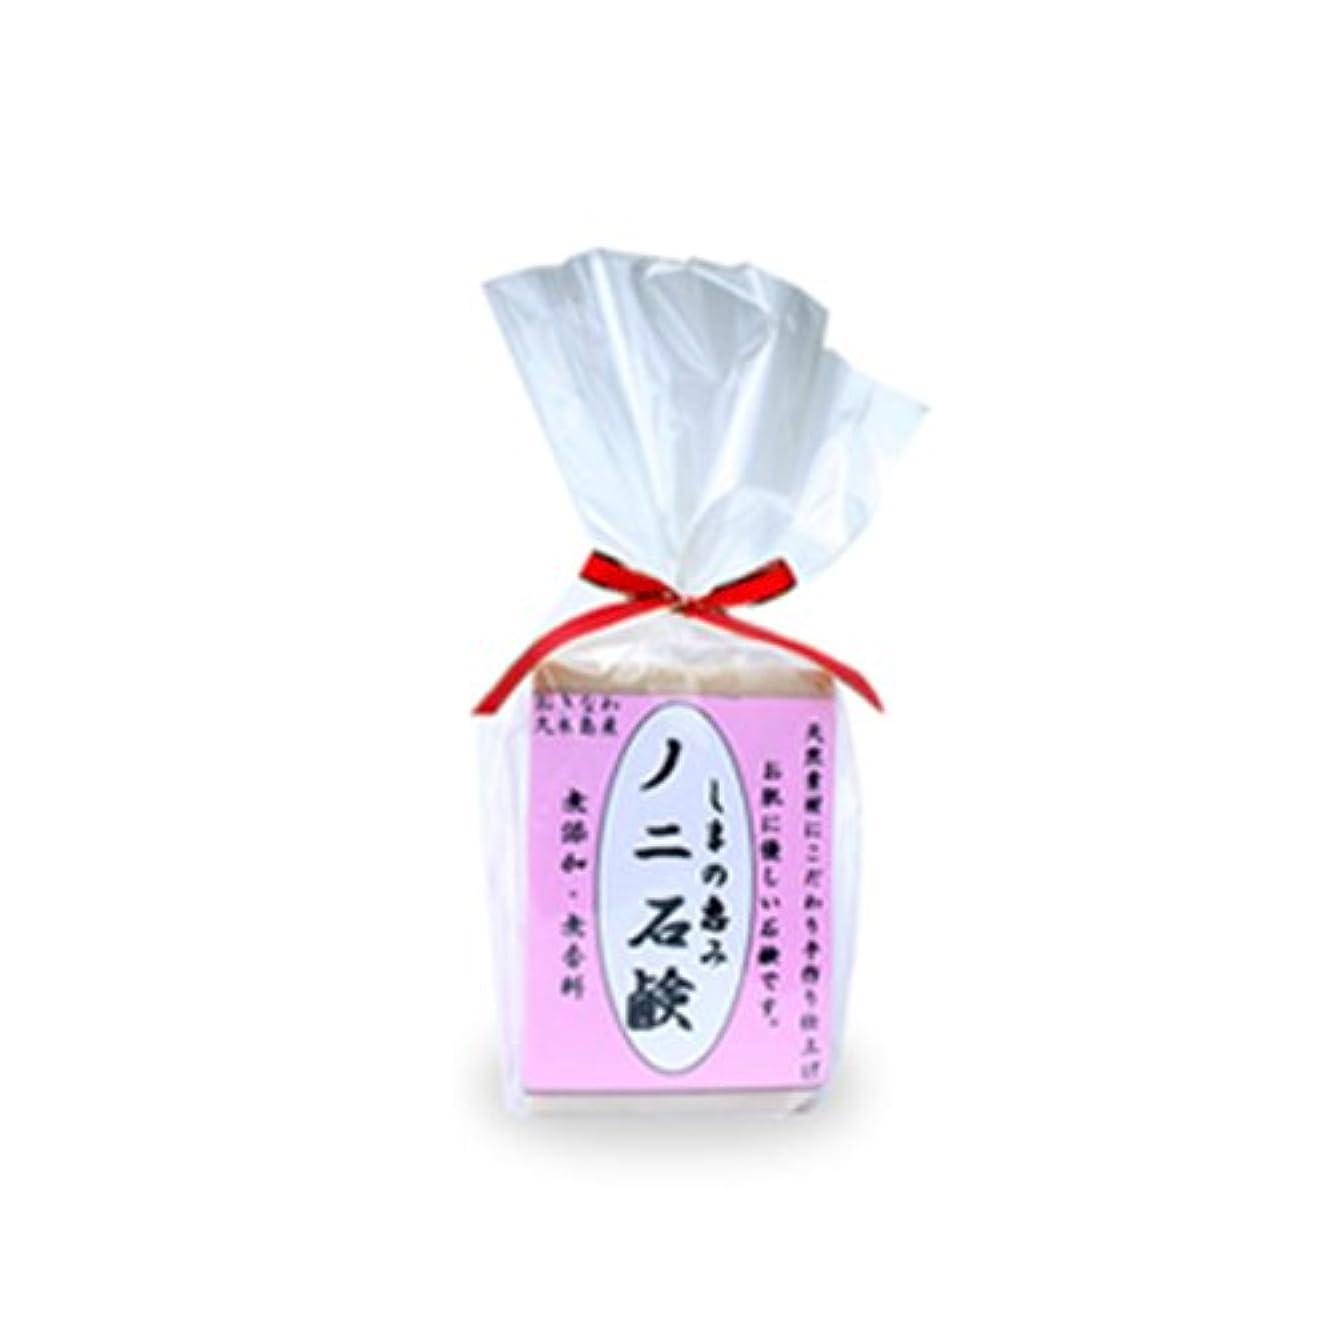 ノ二石鹸×3個 久米島物産販売 沖縄の海洋深層水ミネラルとノニを配合した無添加ソープ